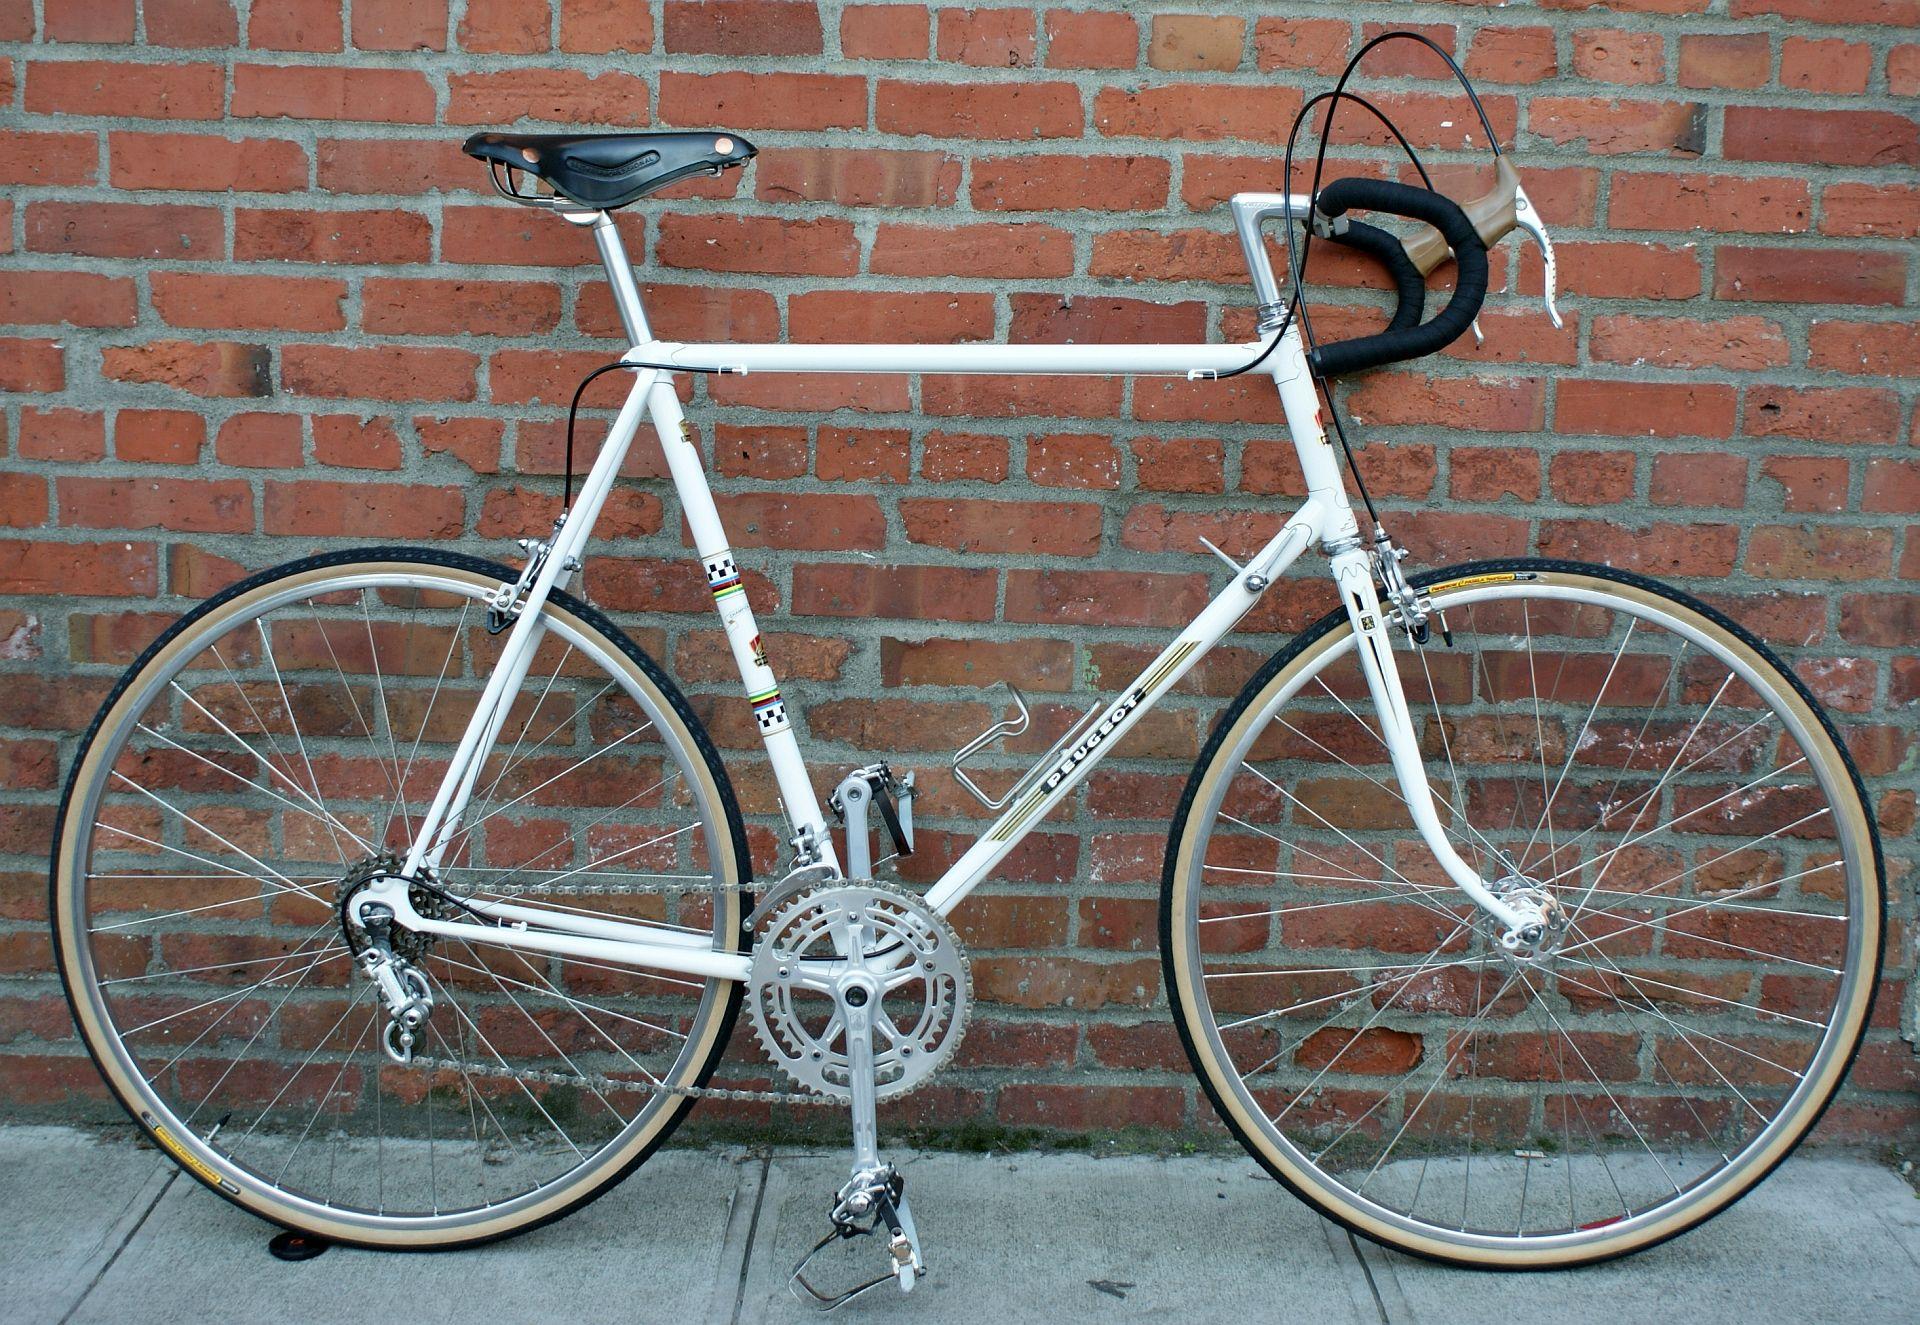 Peugeot Uo8 1975 Restoration Road Bike Vintage Restoration Vintage Bikes